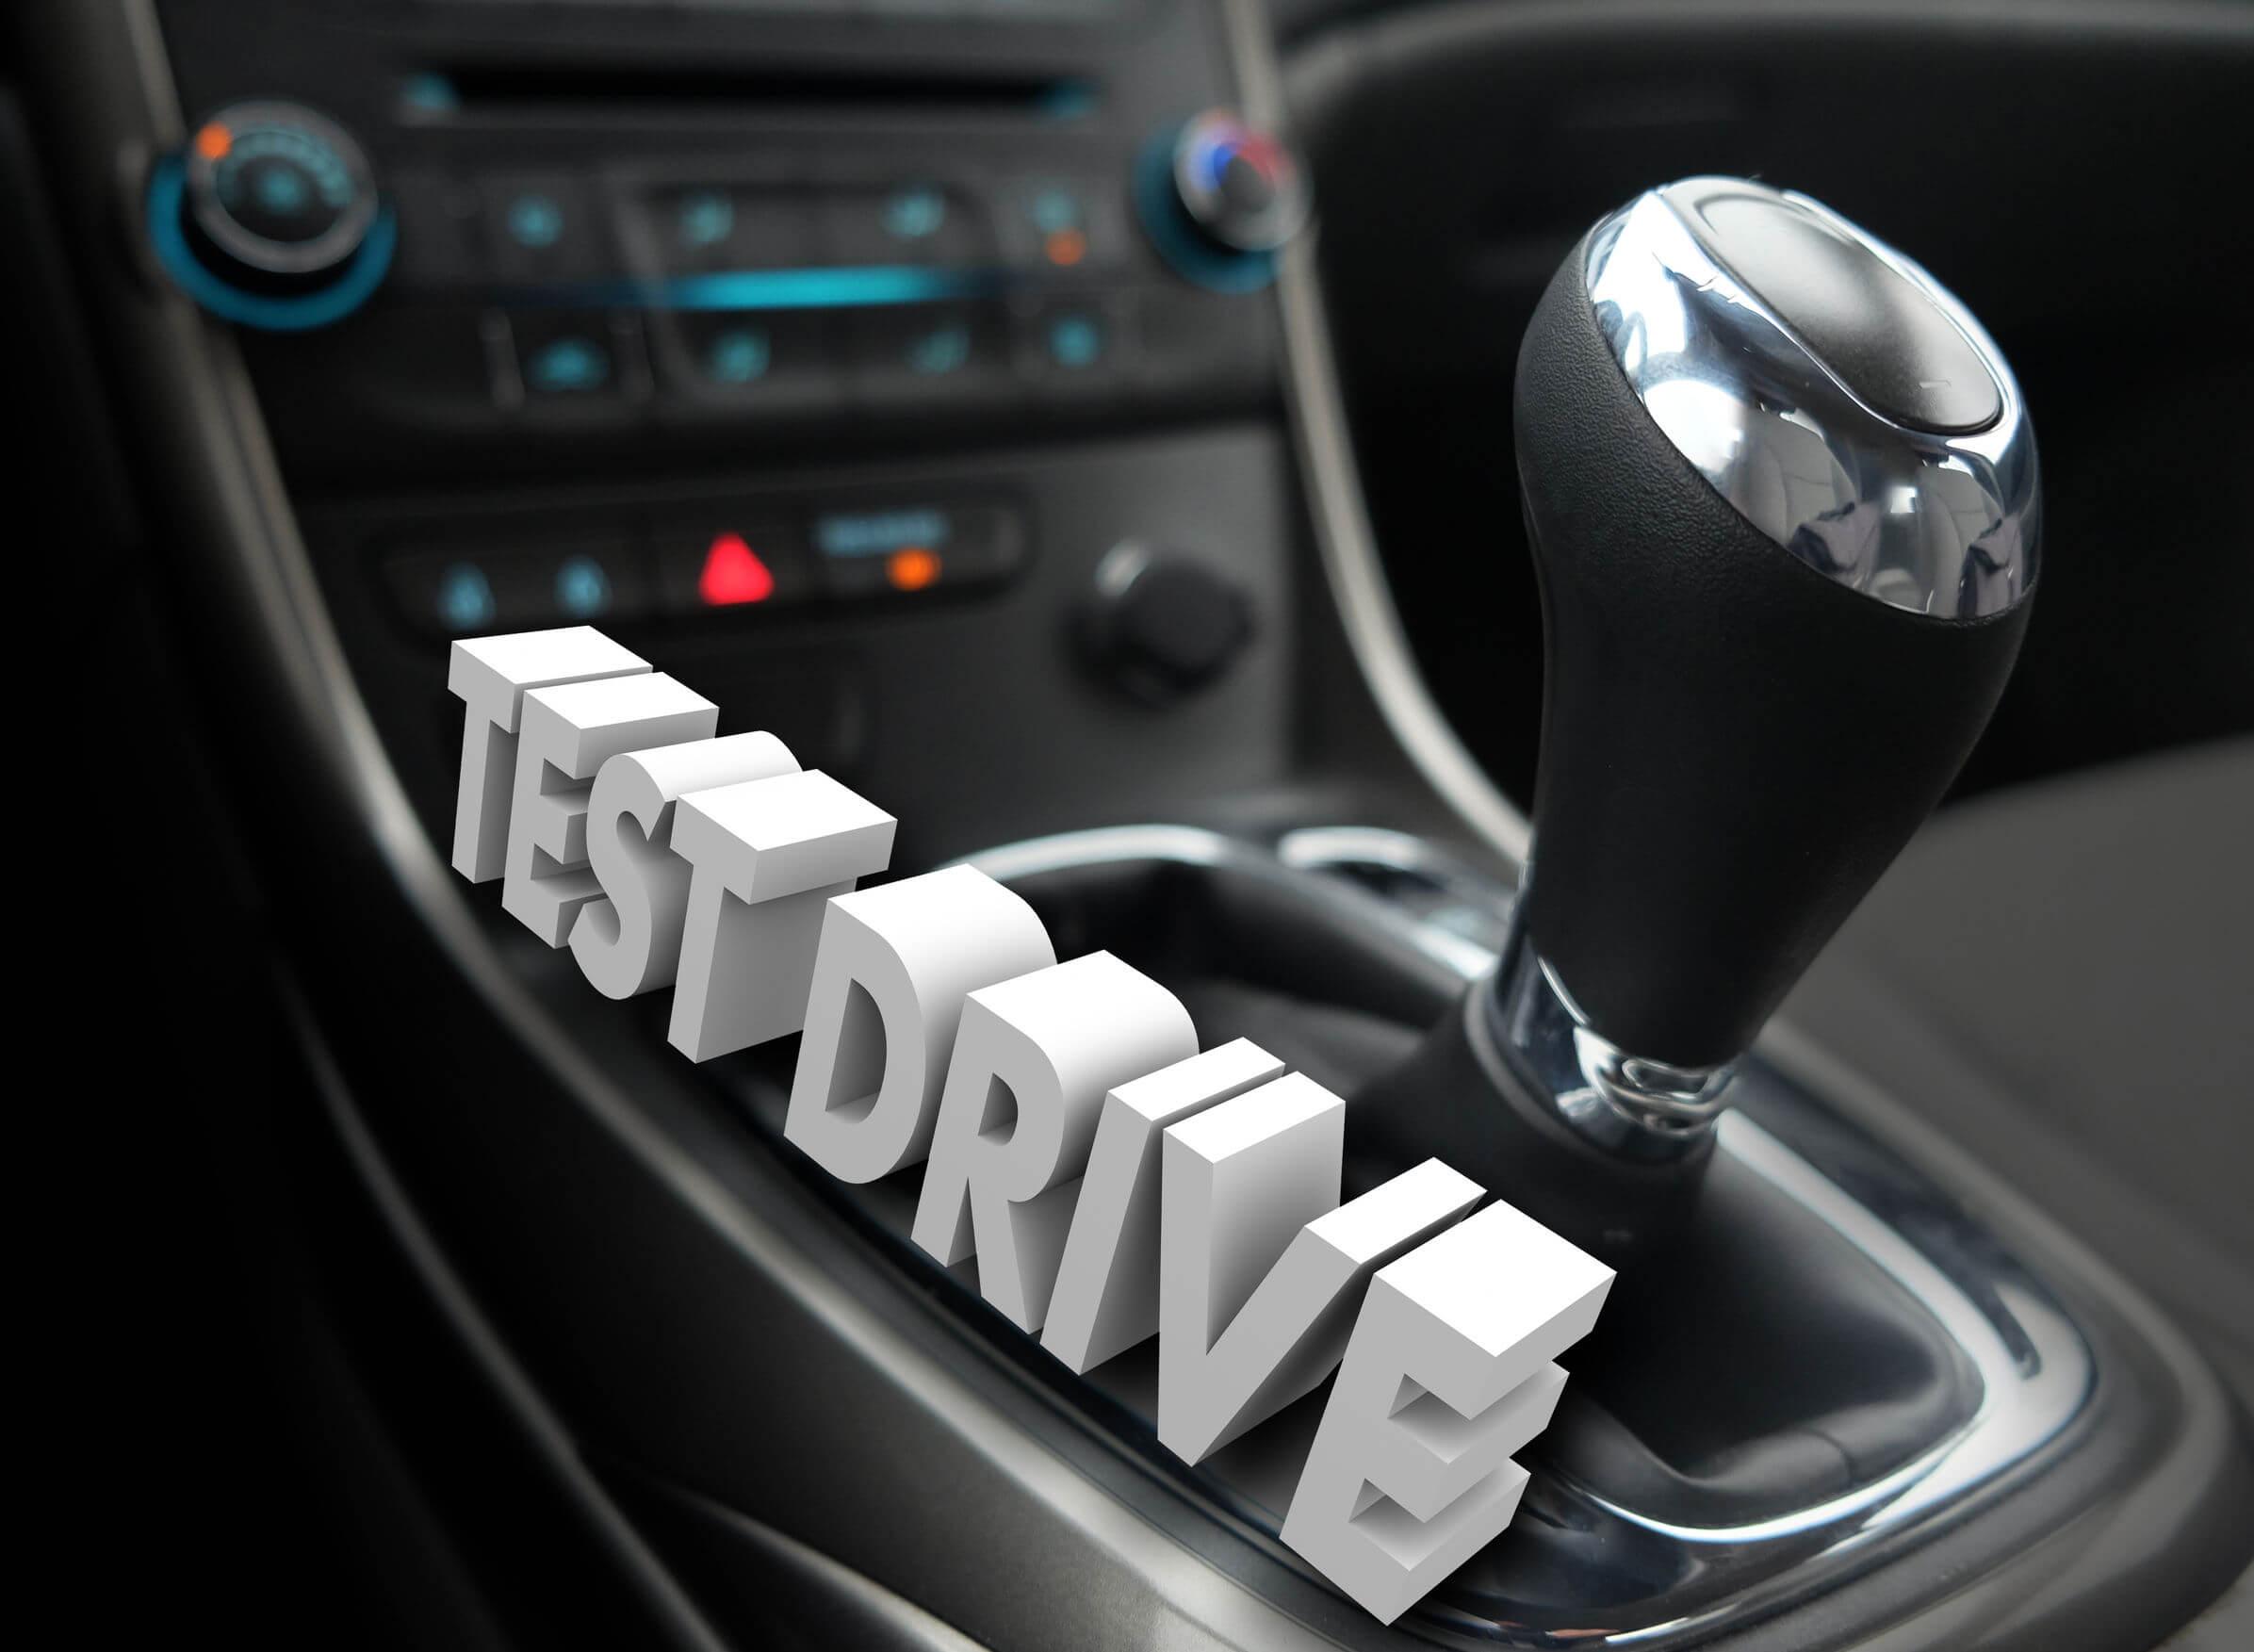 flespi test drive